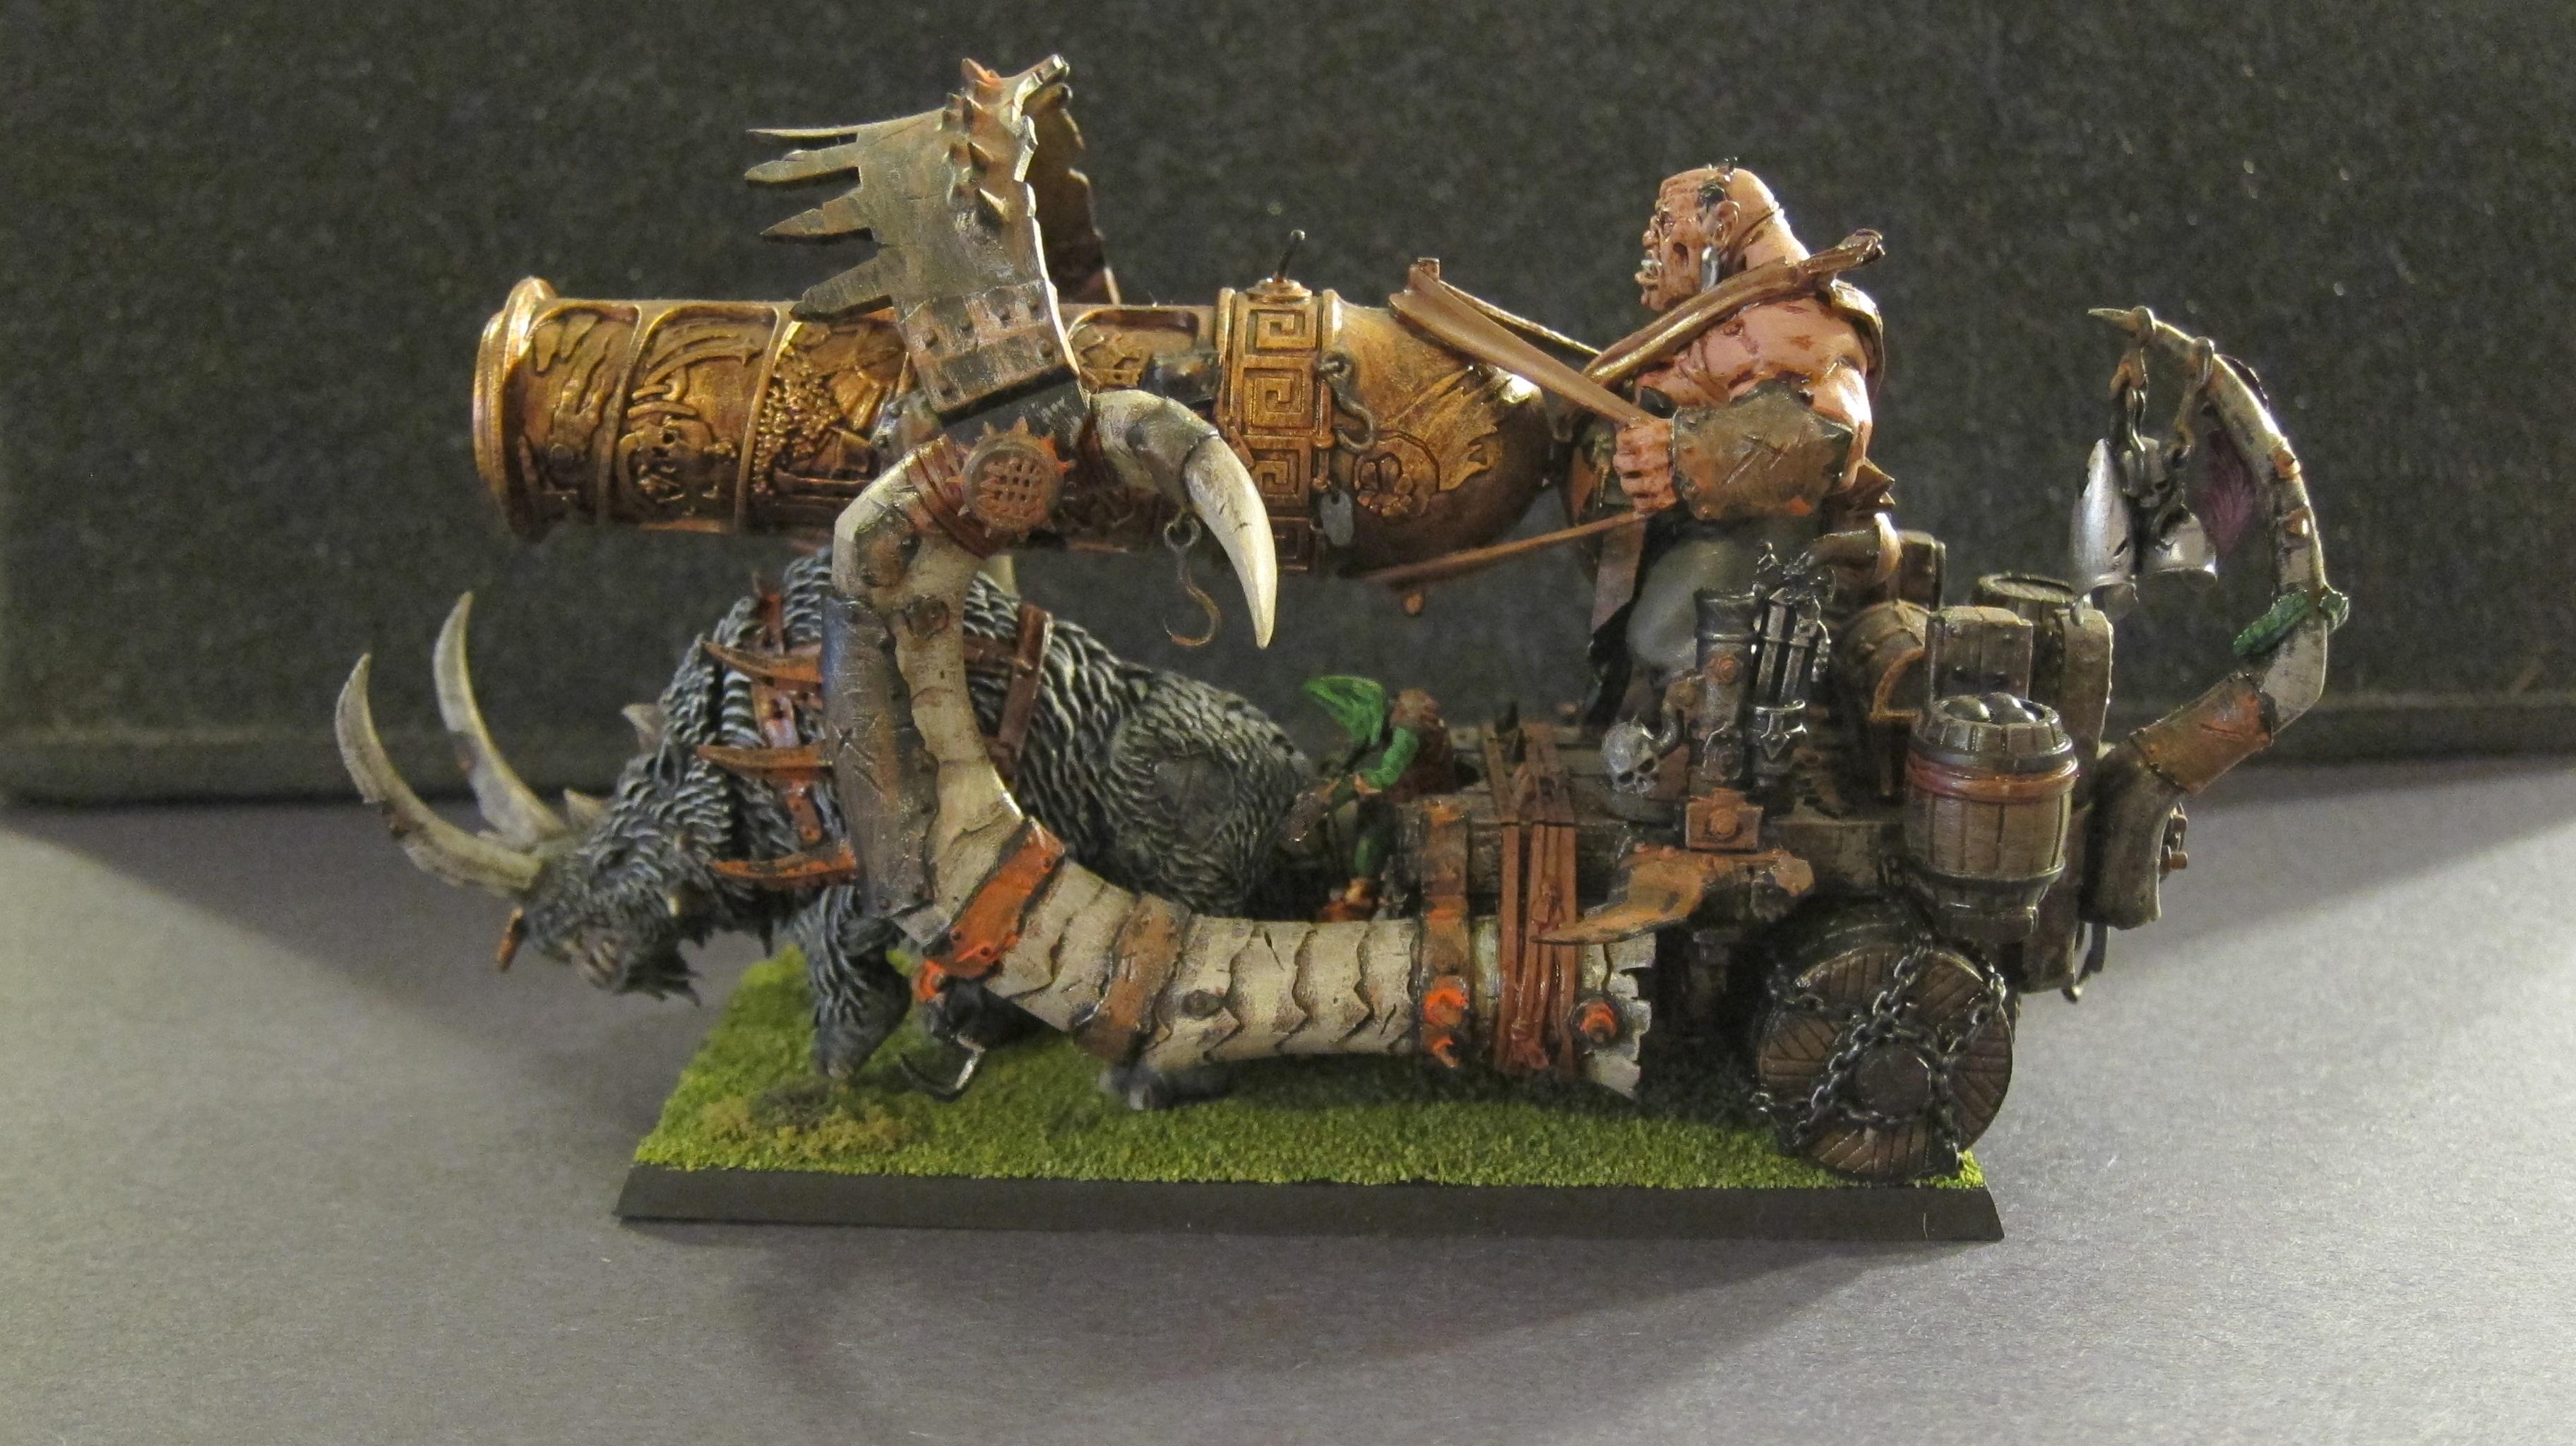 Cannon, Ogre Kingdoms, Warhammer Fantasy